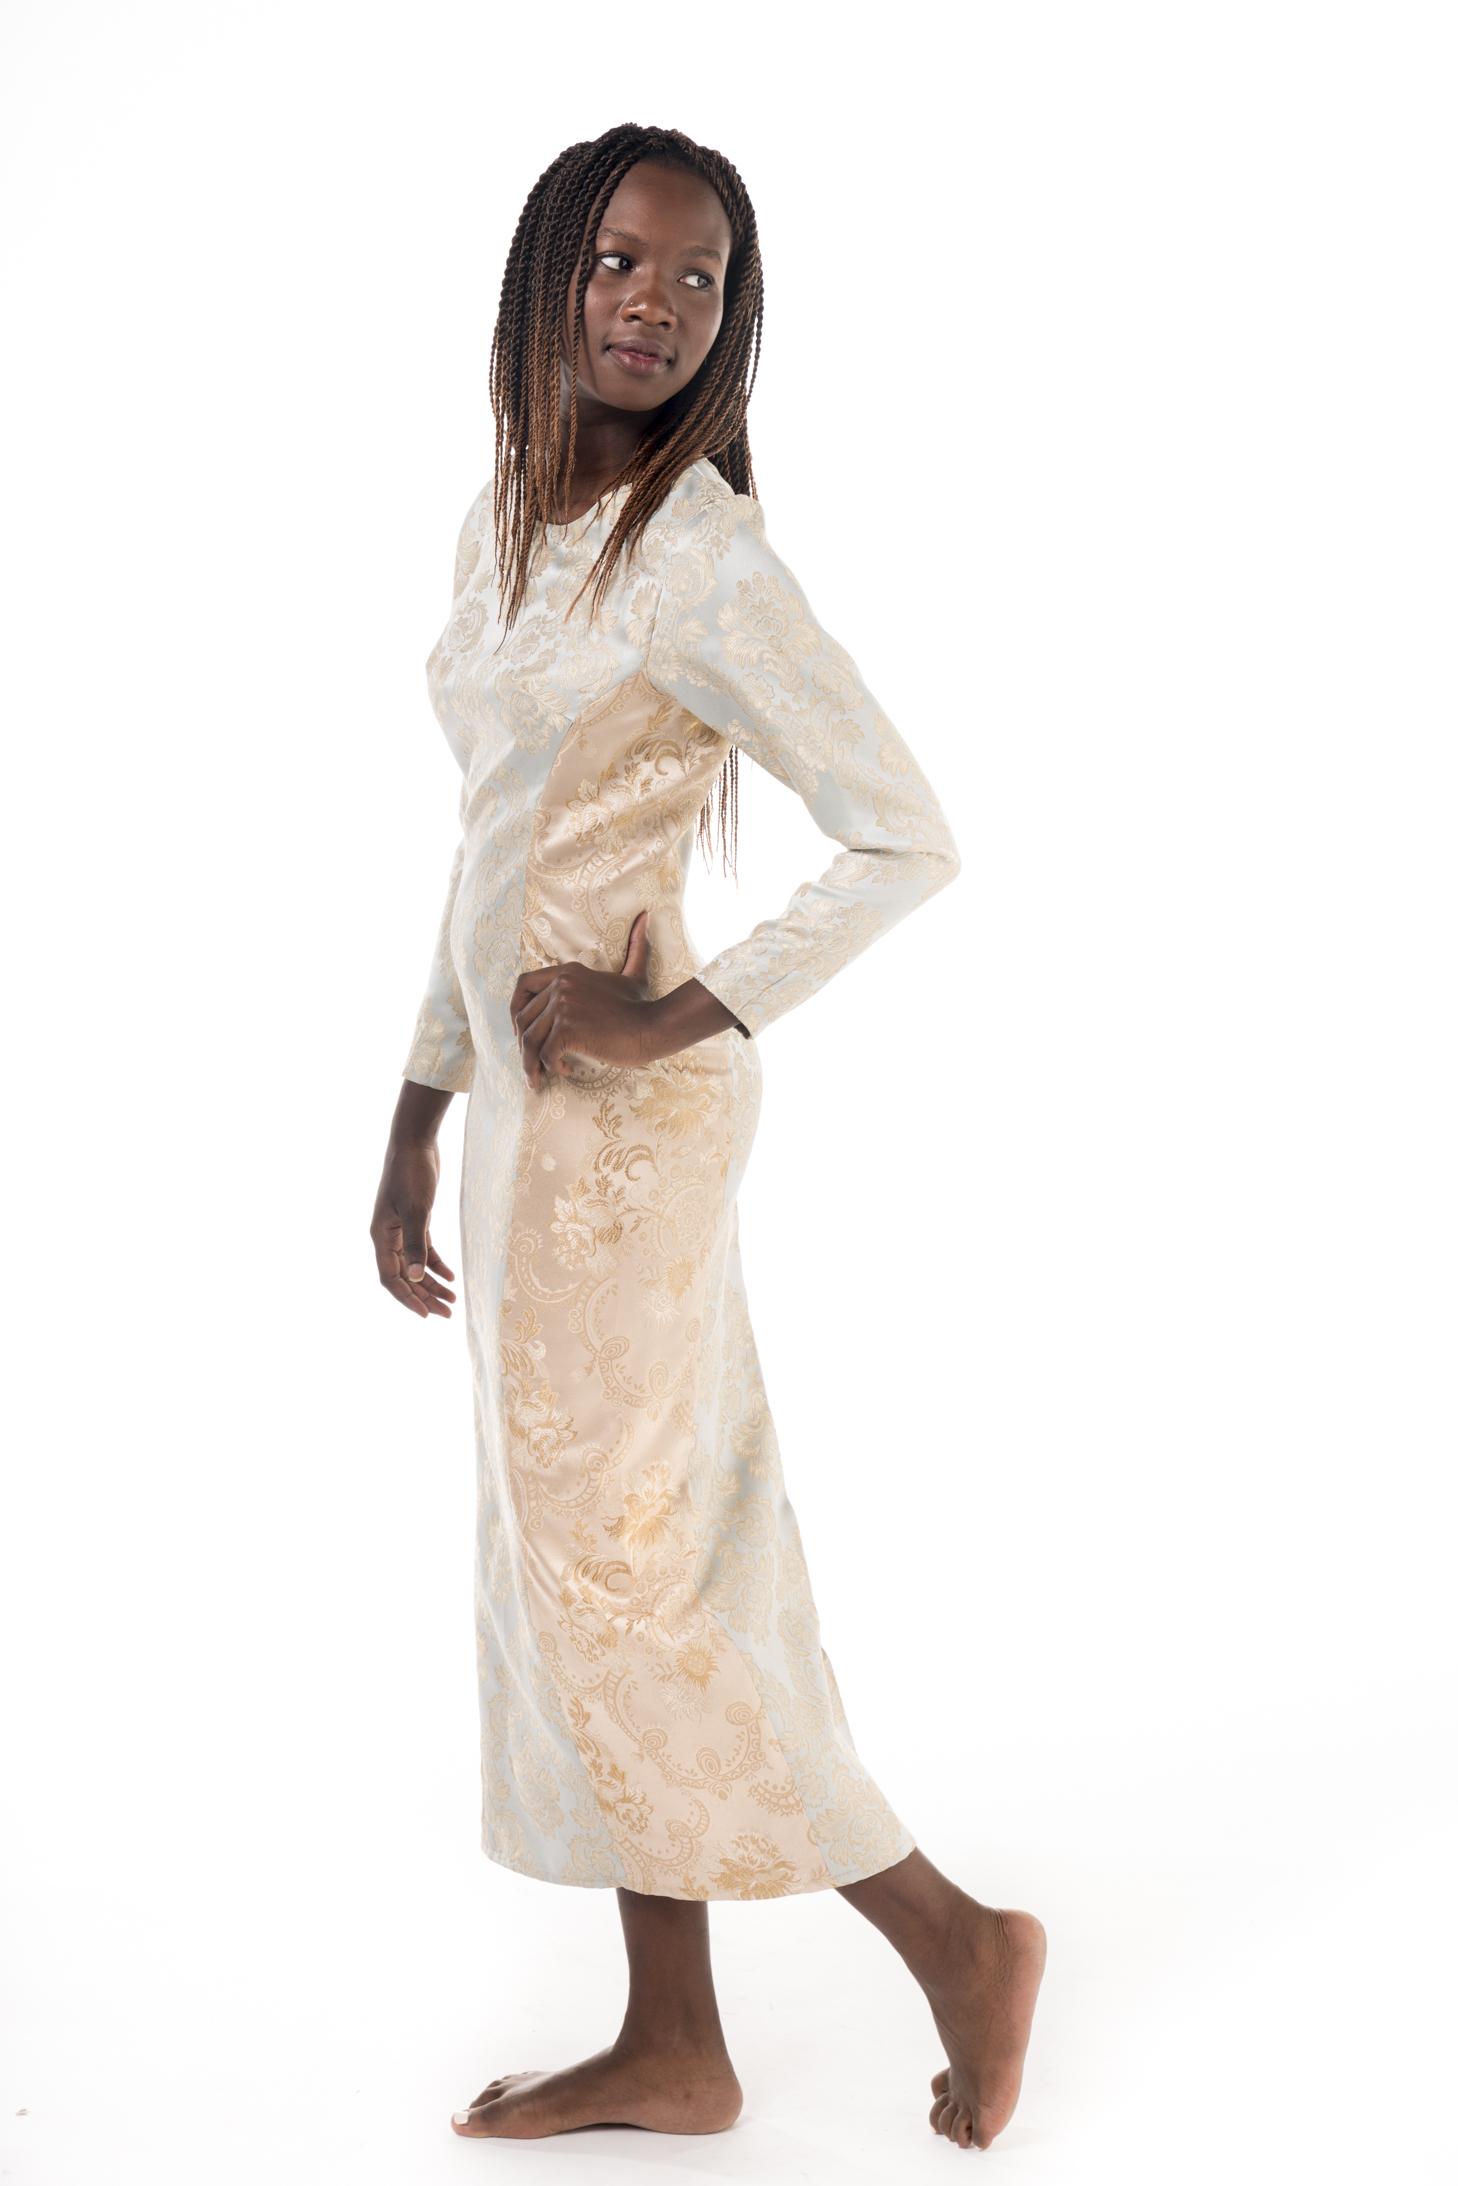 Dubay_Fashion_MinaSmithHodzik_WEB (65 of 89).jpg